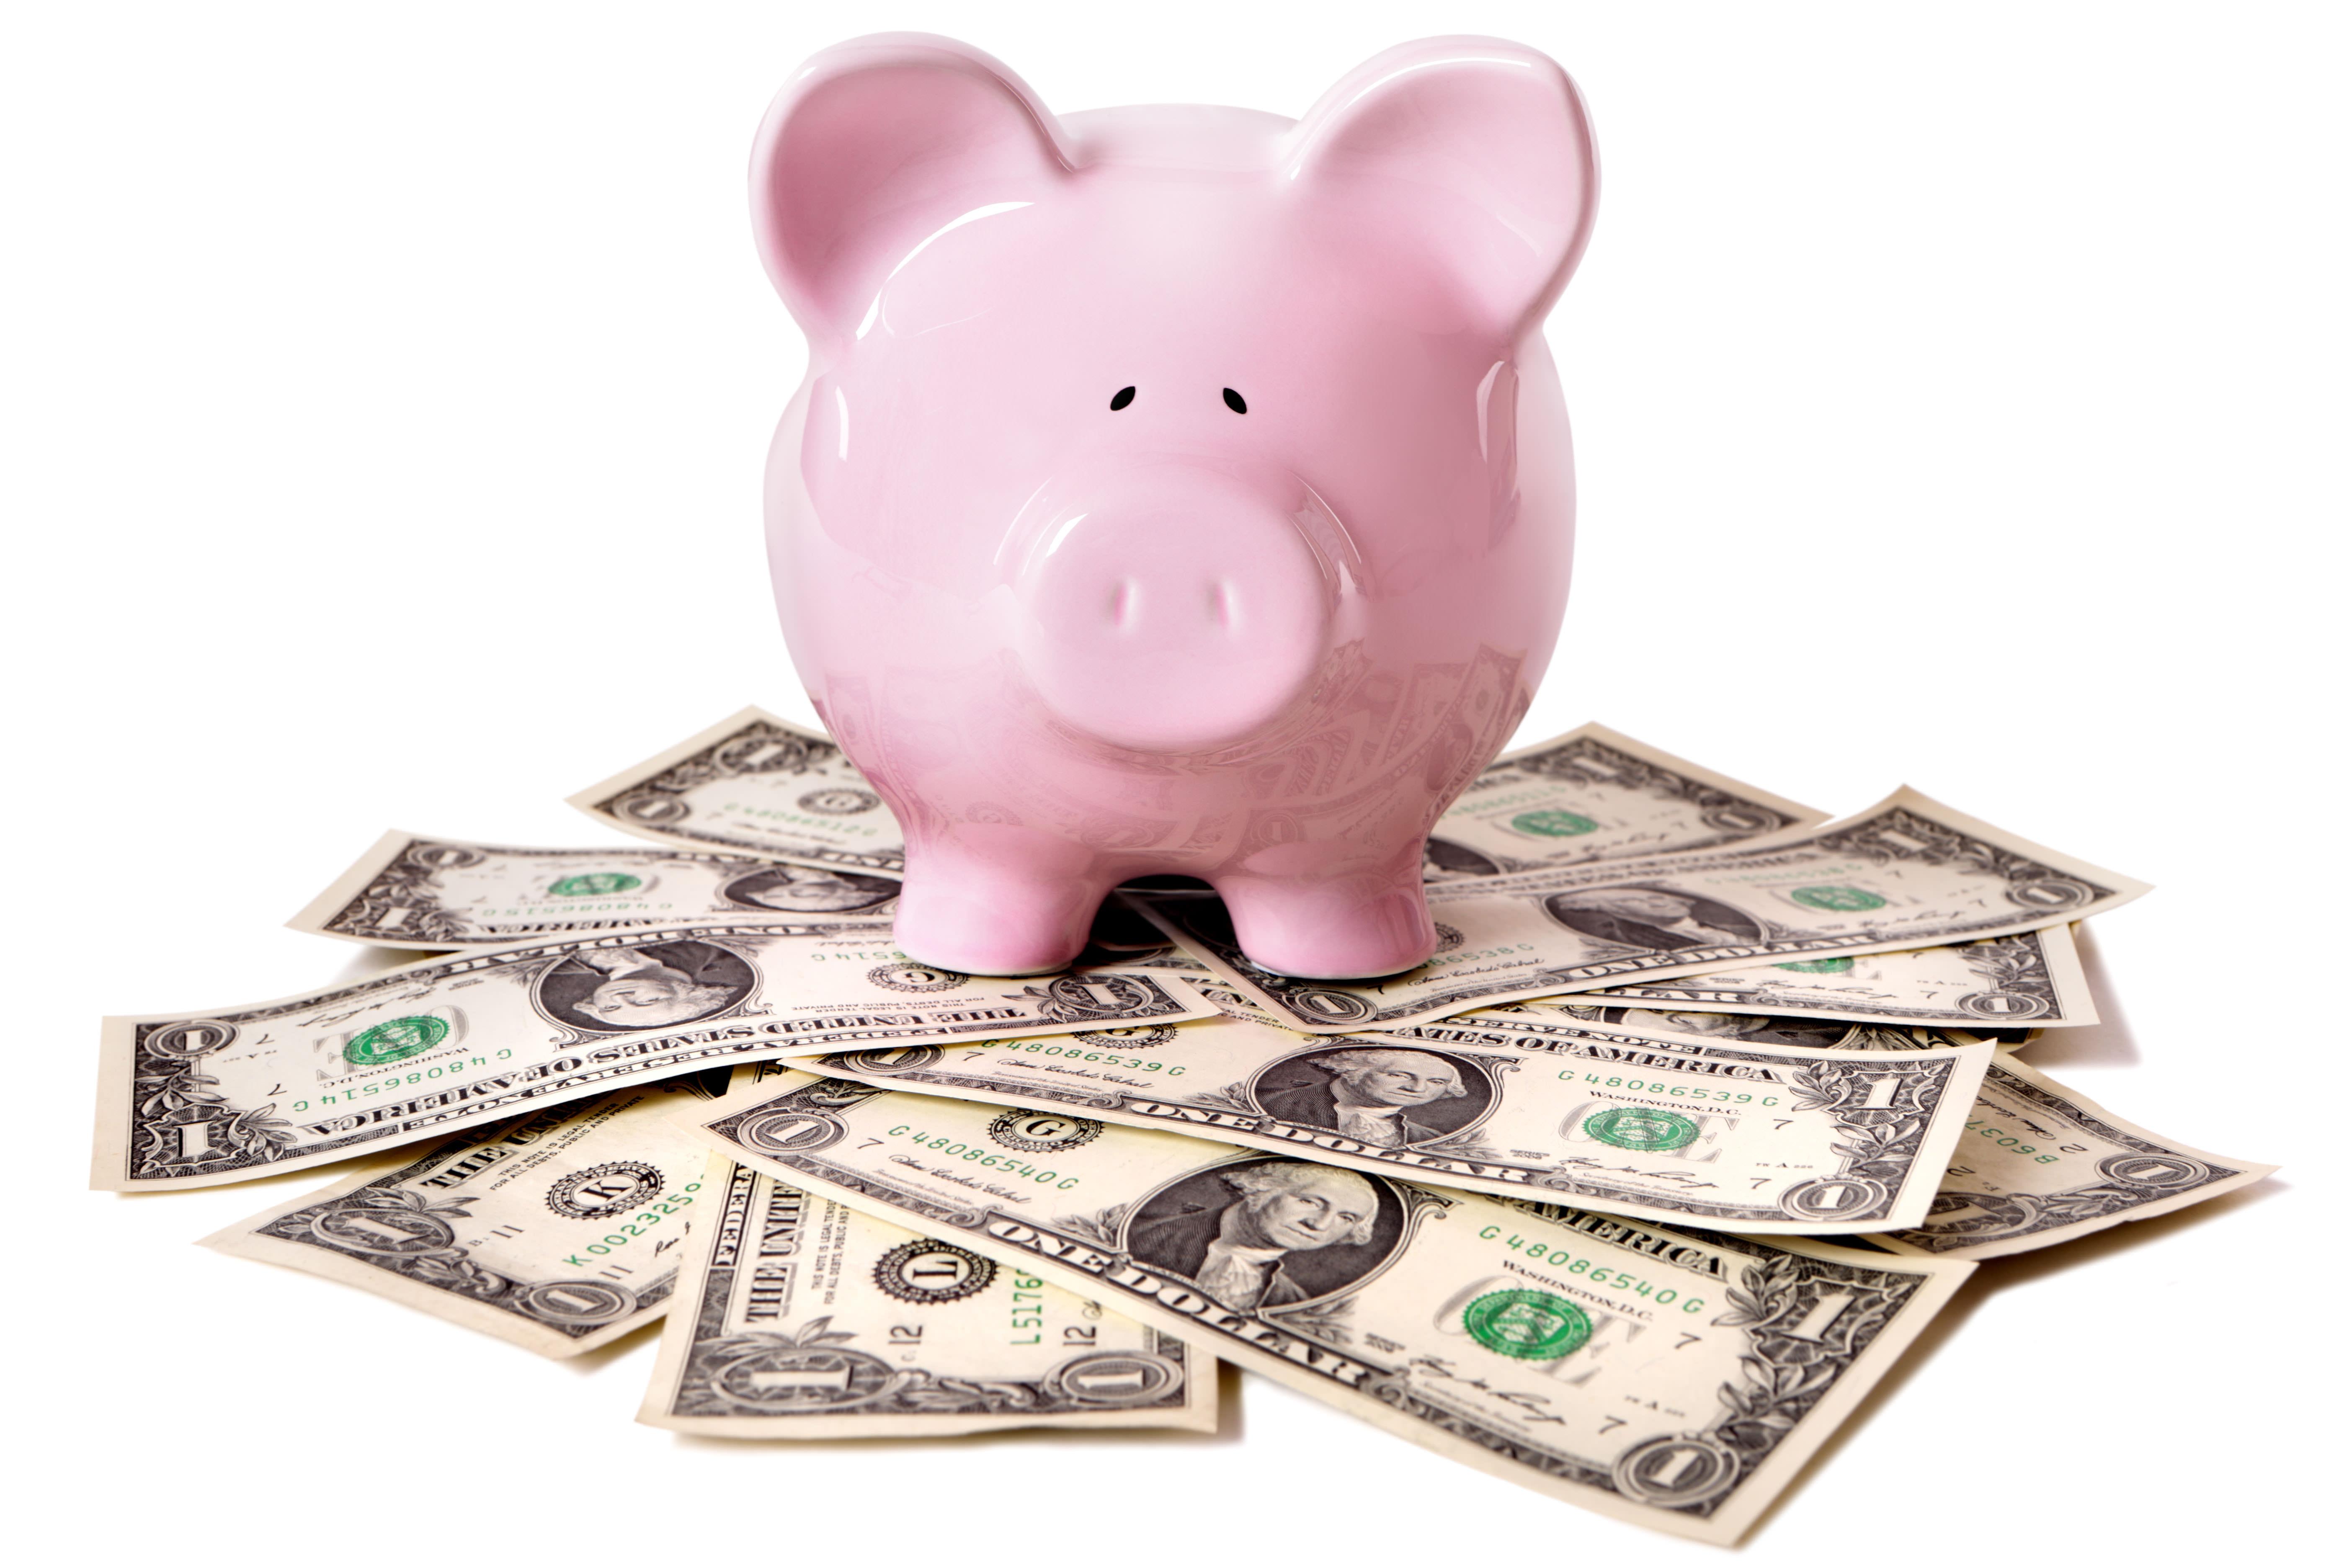 媽媽理財:學費、保險費這樣存最輕鬆 善用「零存整付」功能